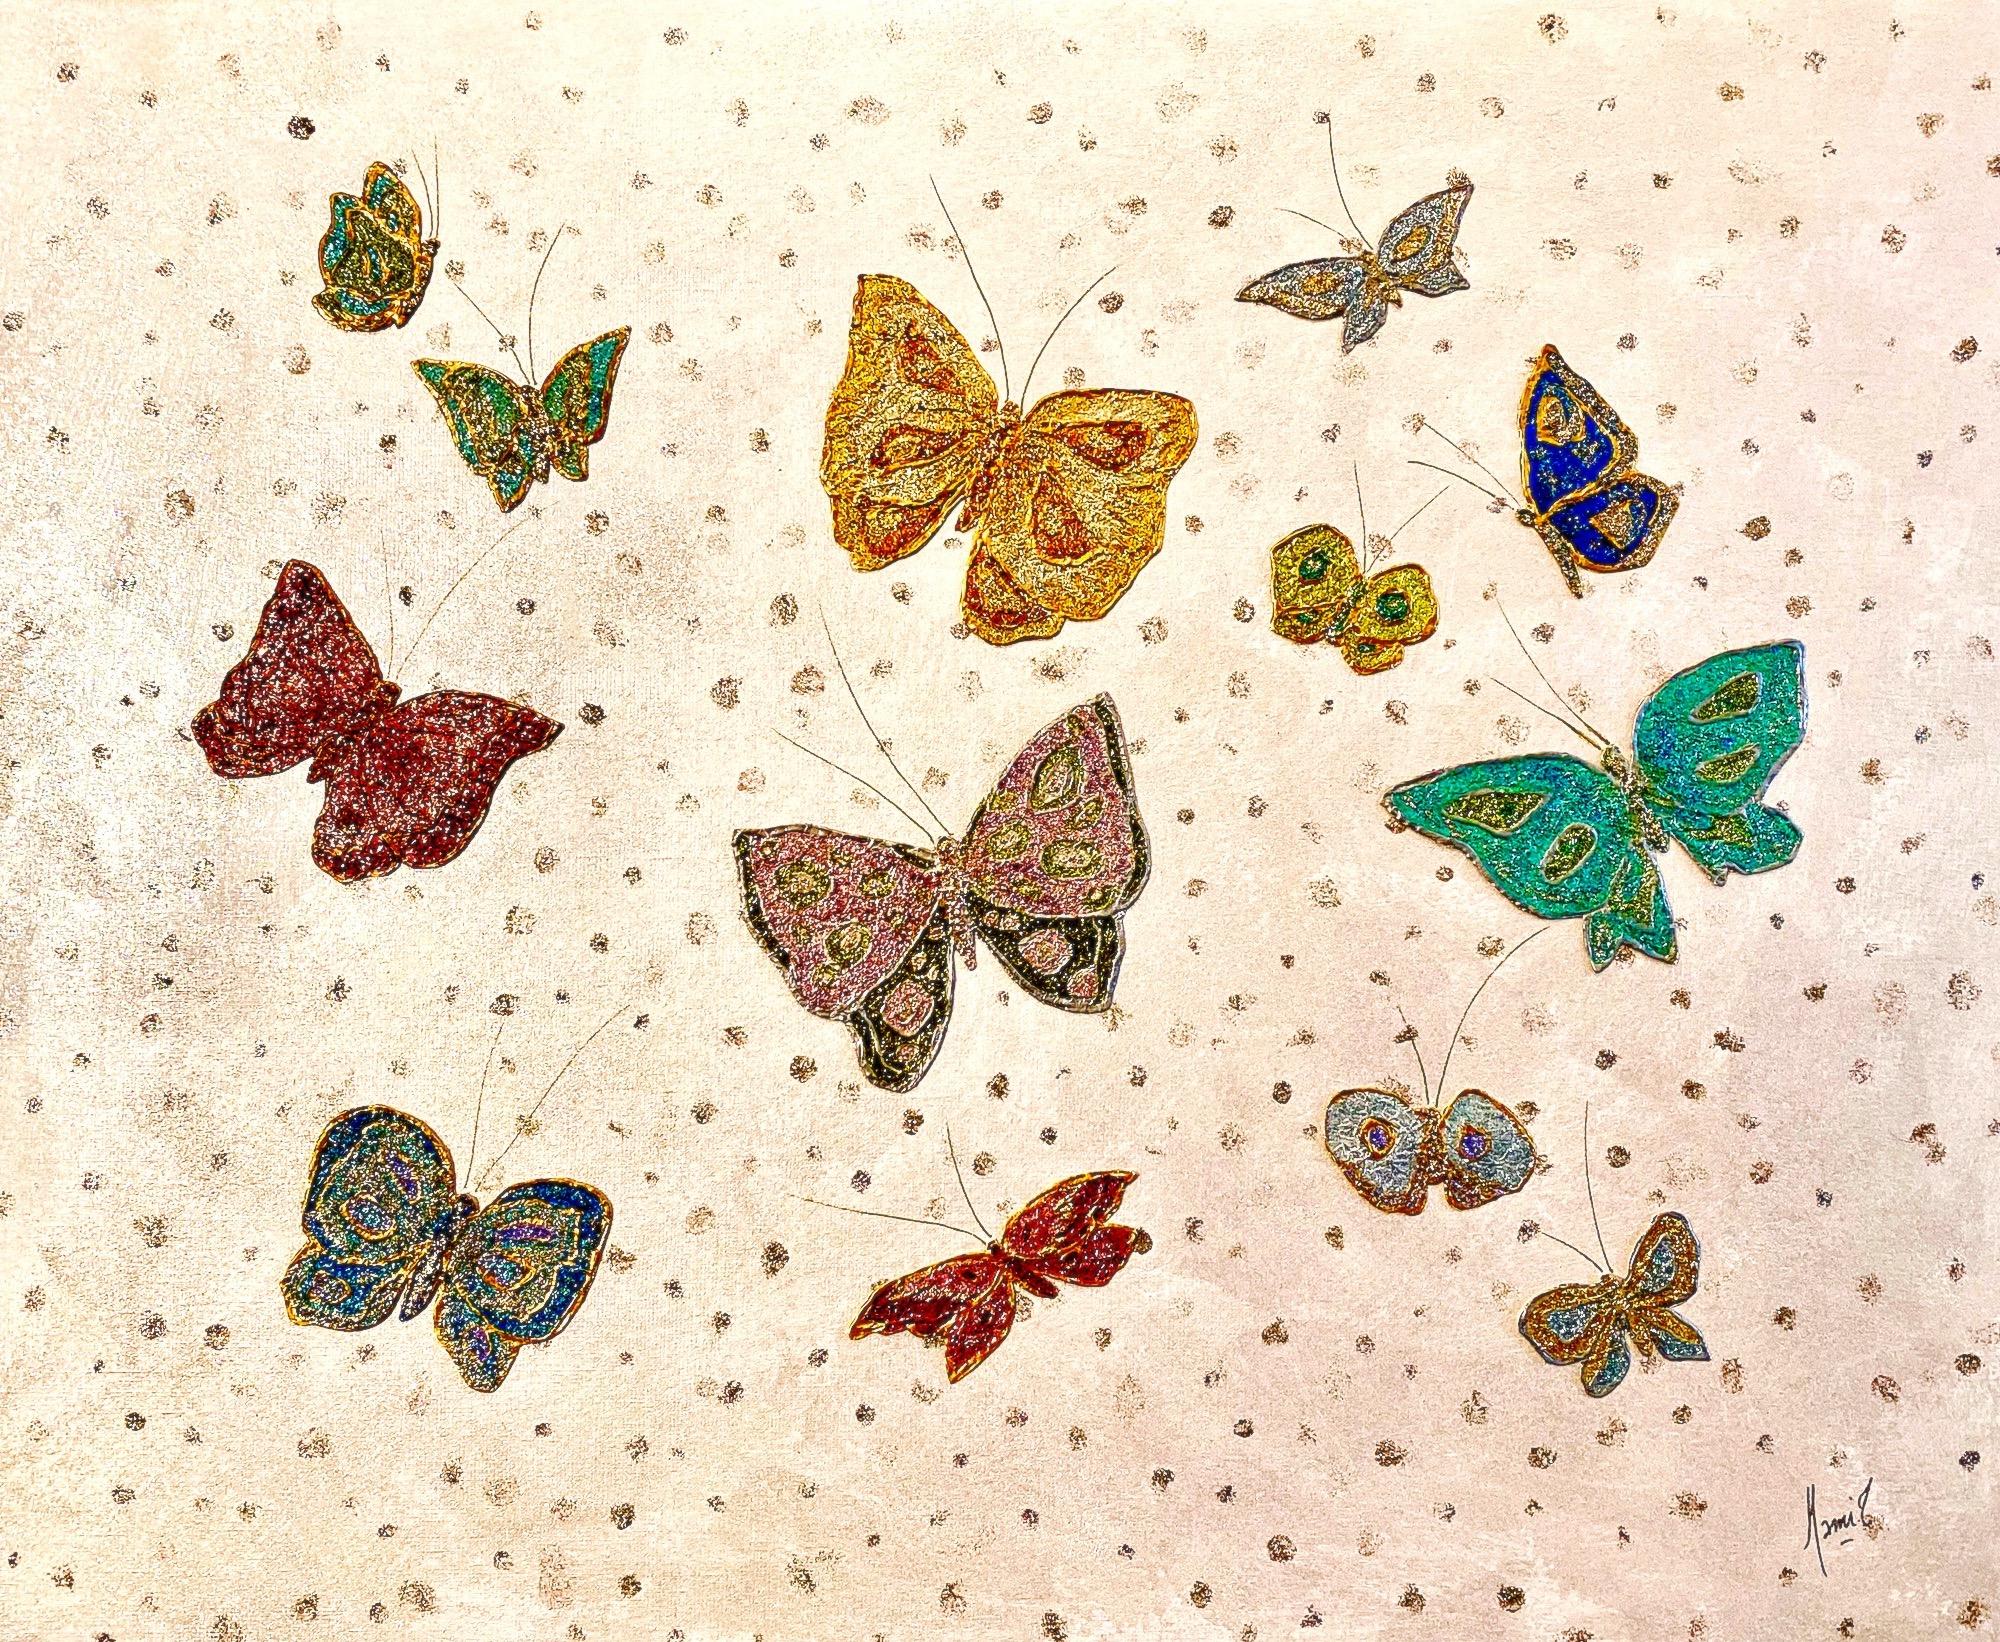 MAMI / Images. et Poésie, Air Papillon